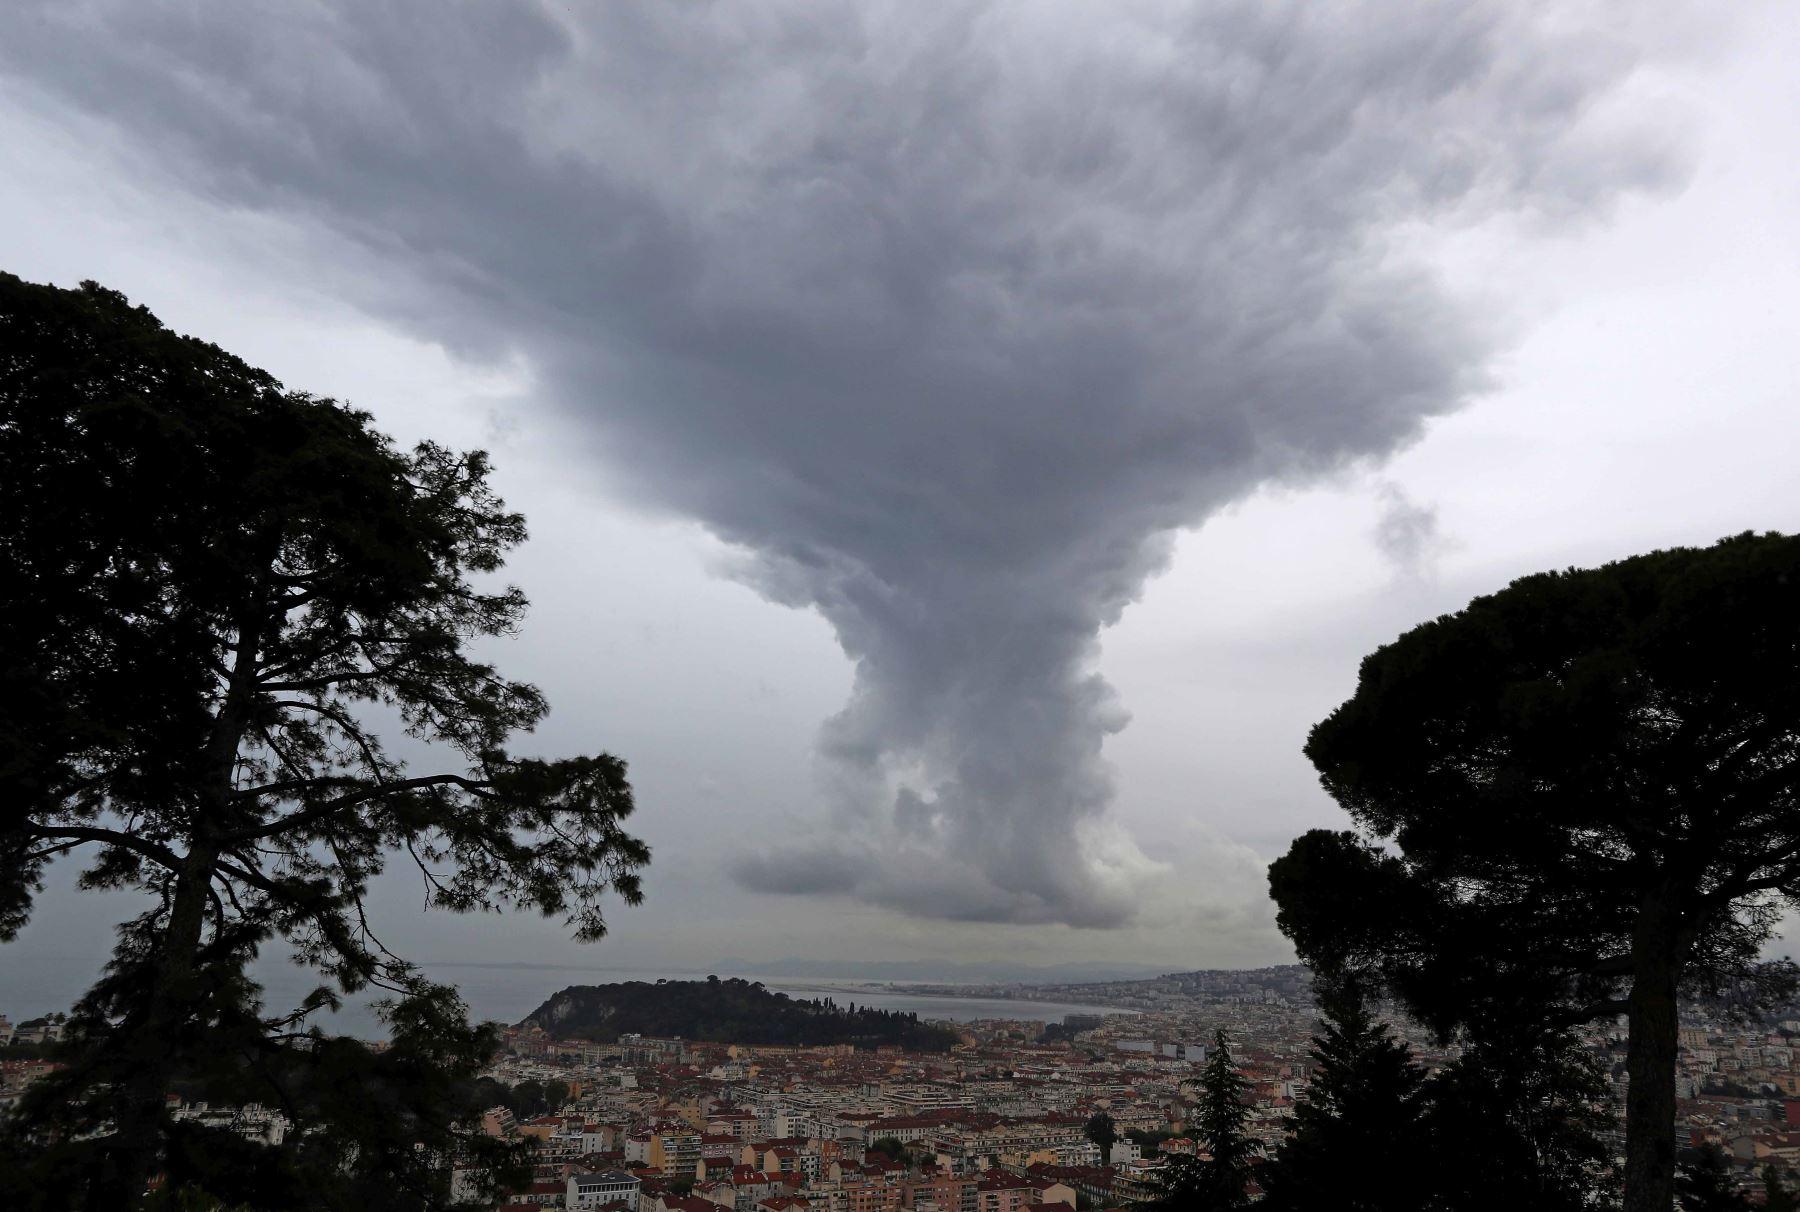 Una tormenta se aproxima sobre la ciudad francesa de Niza. Foto: AFP